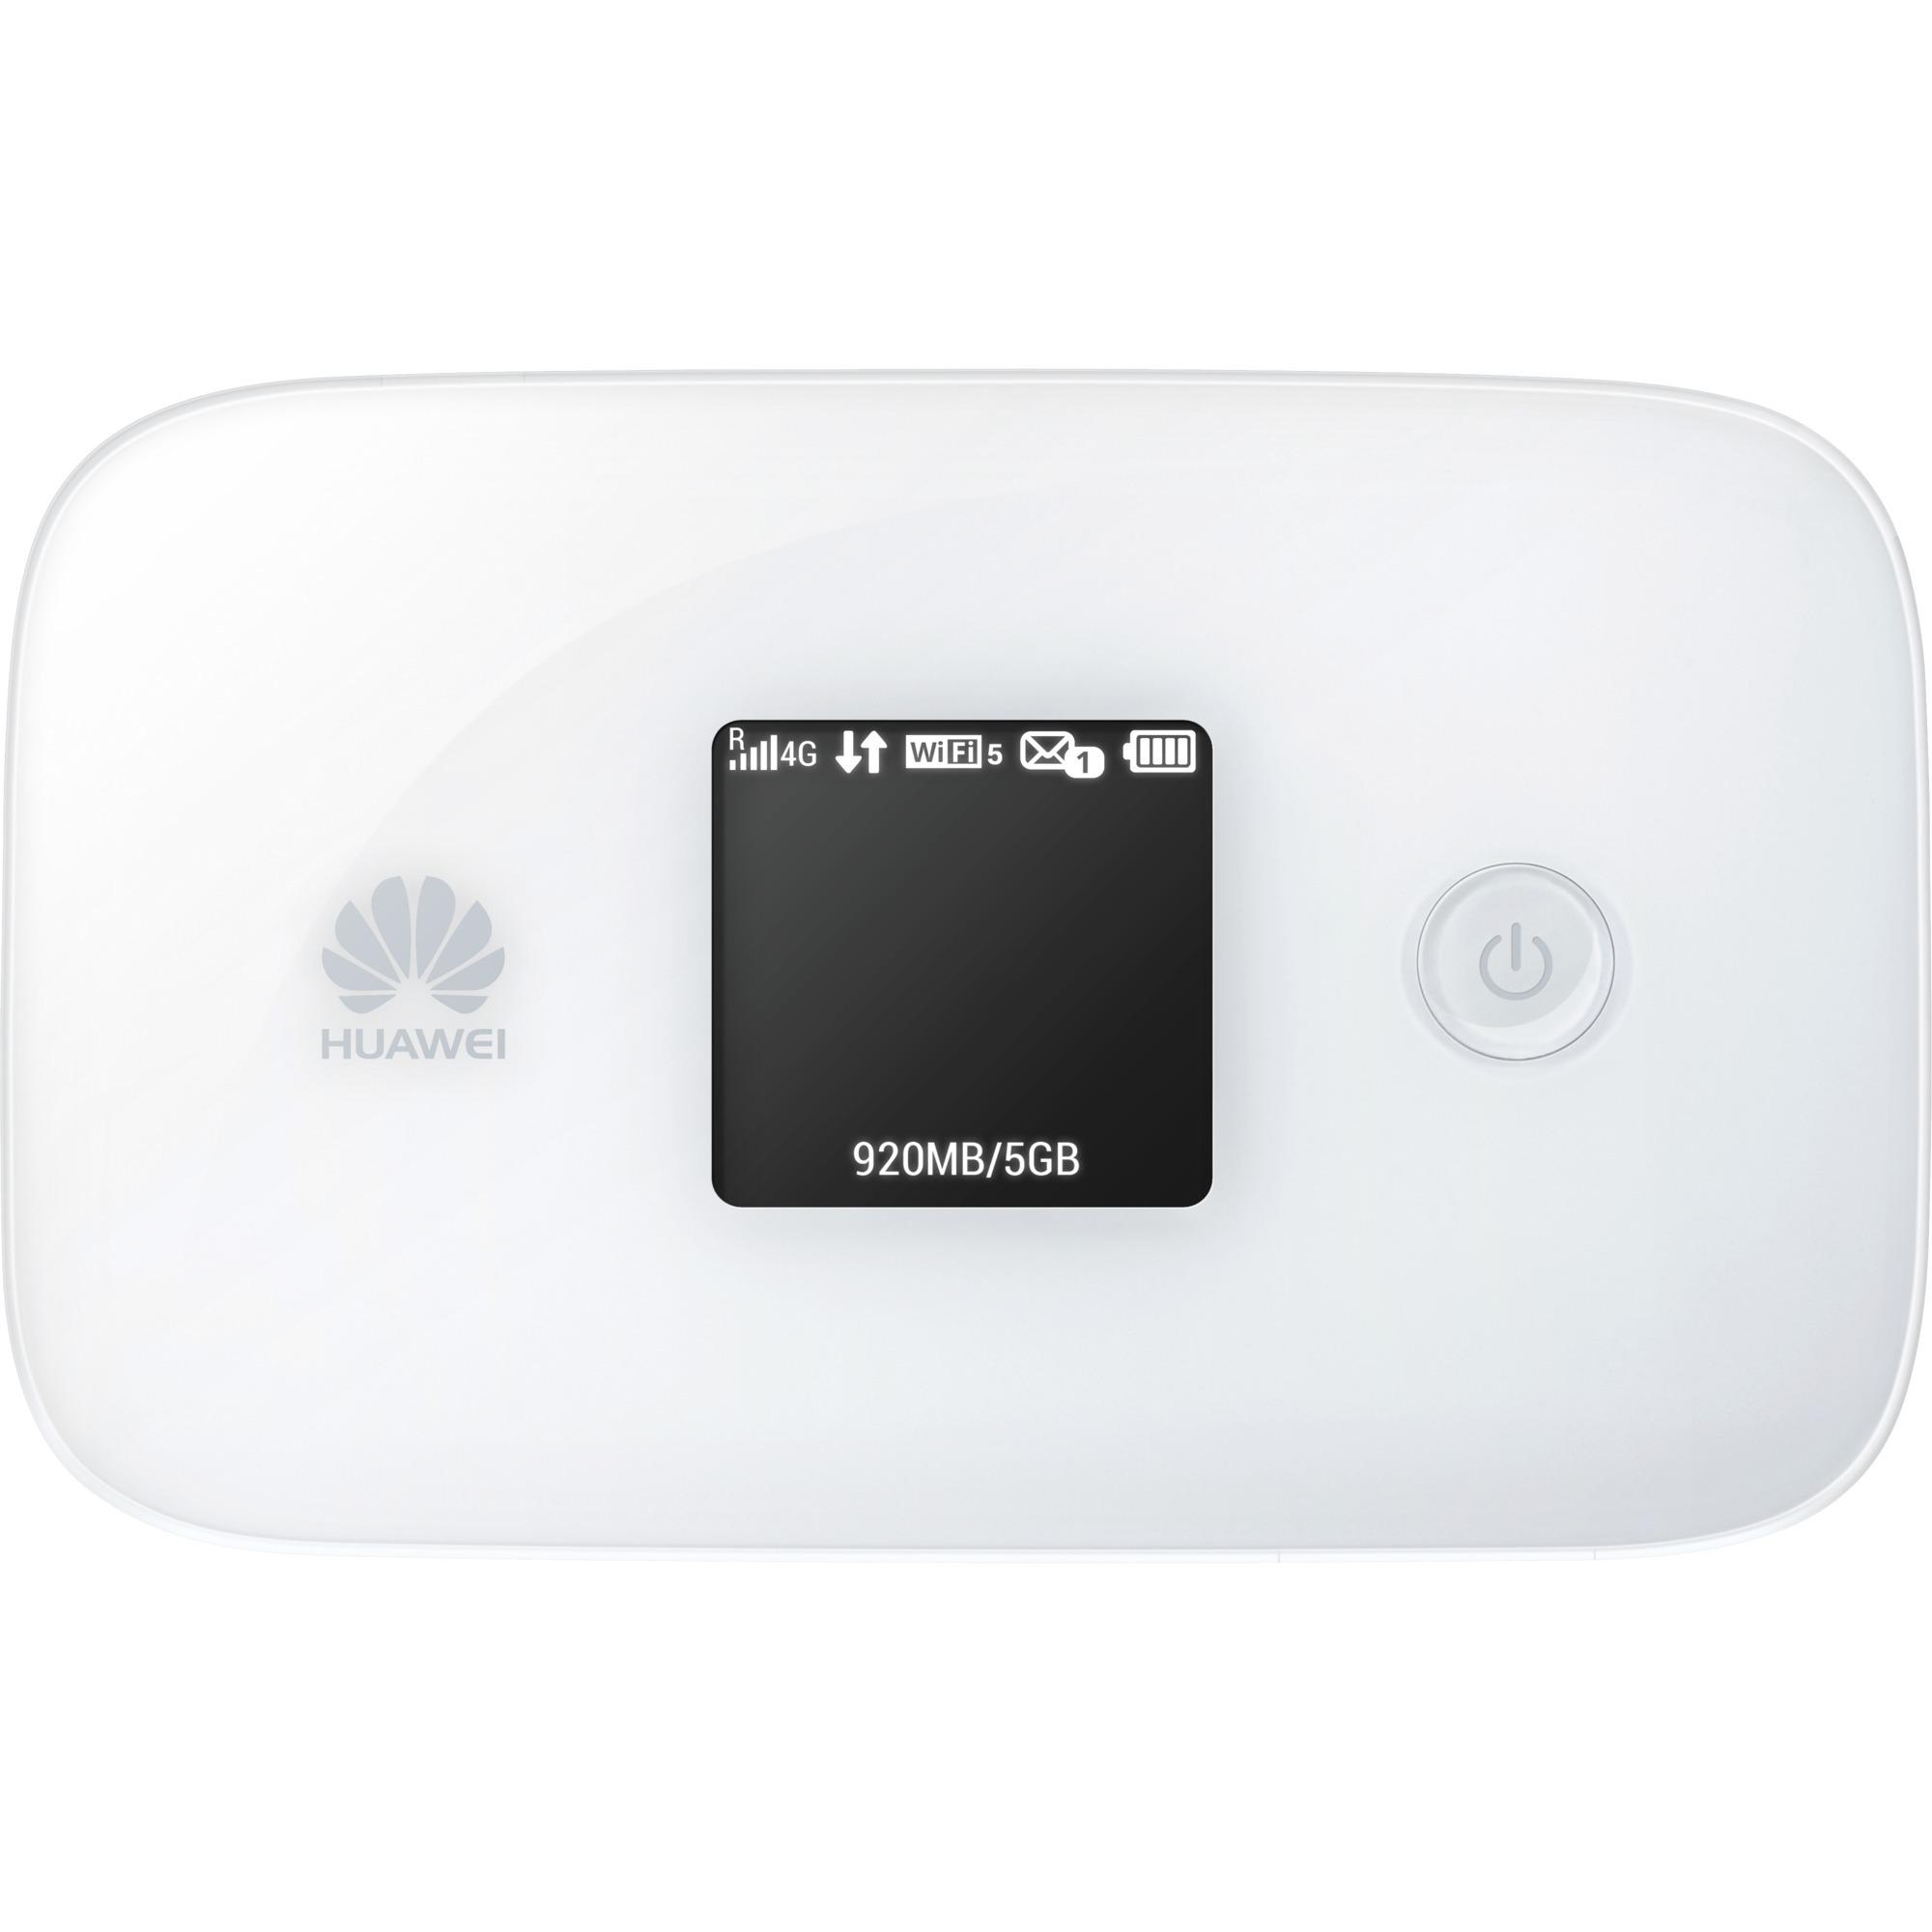 e5786-mobiler-lte-hotspot-router